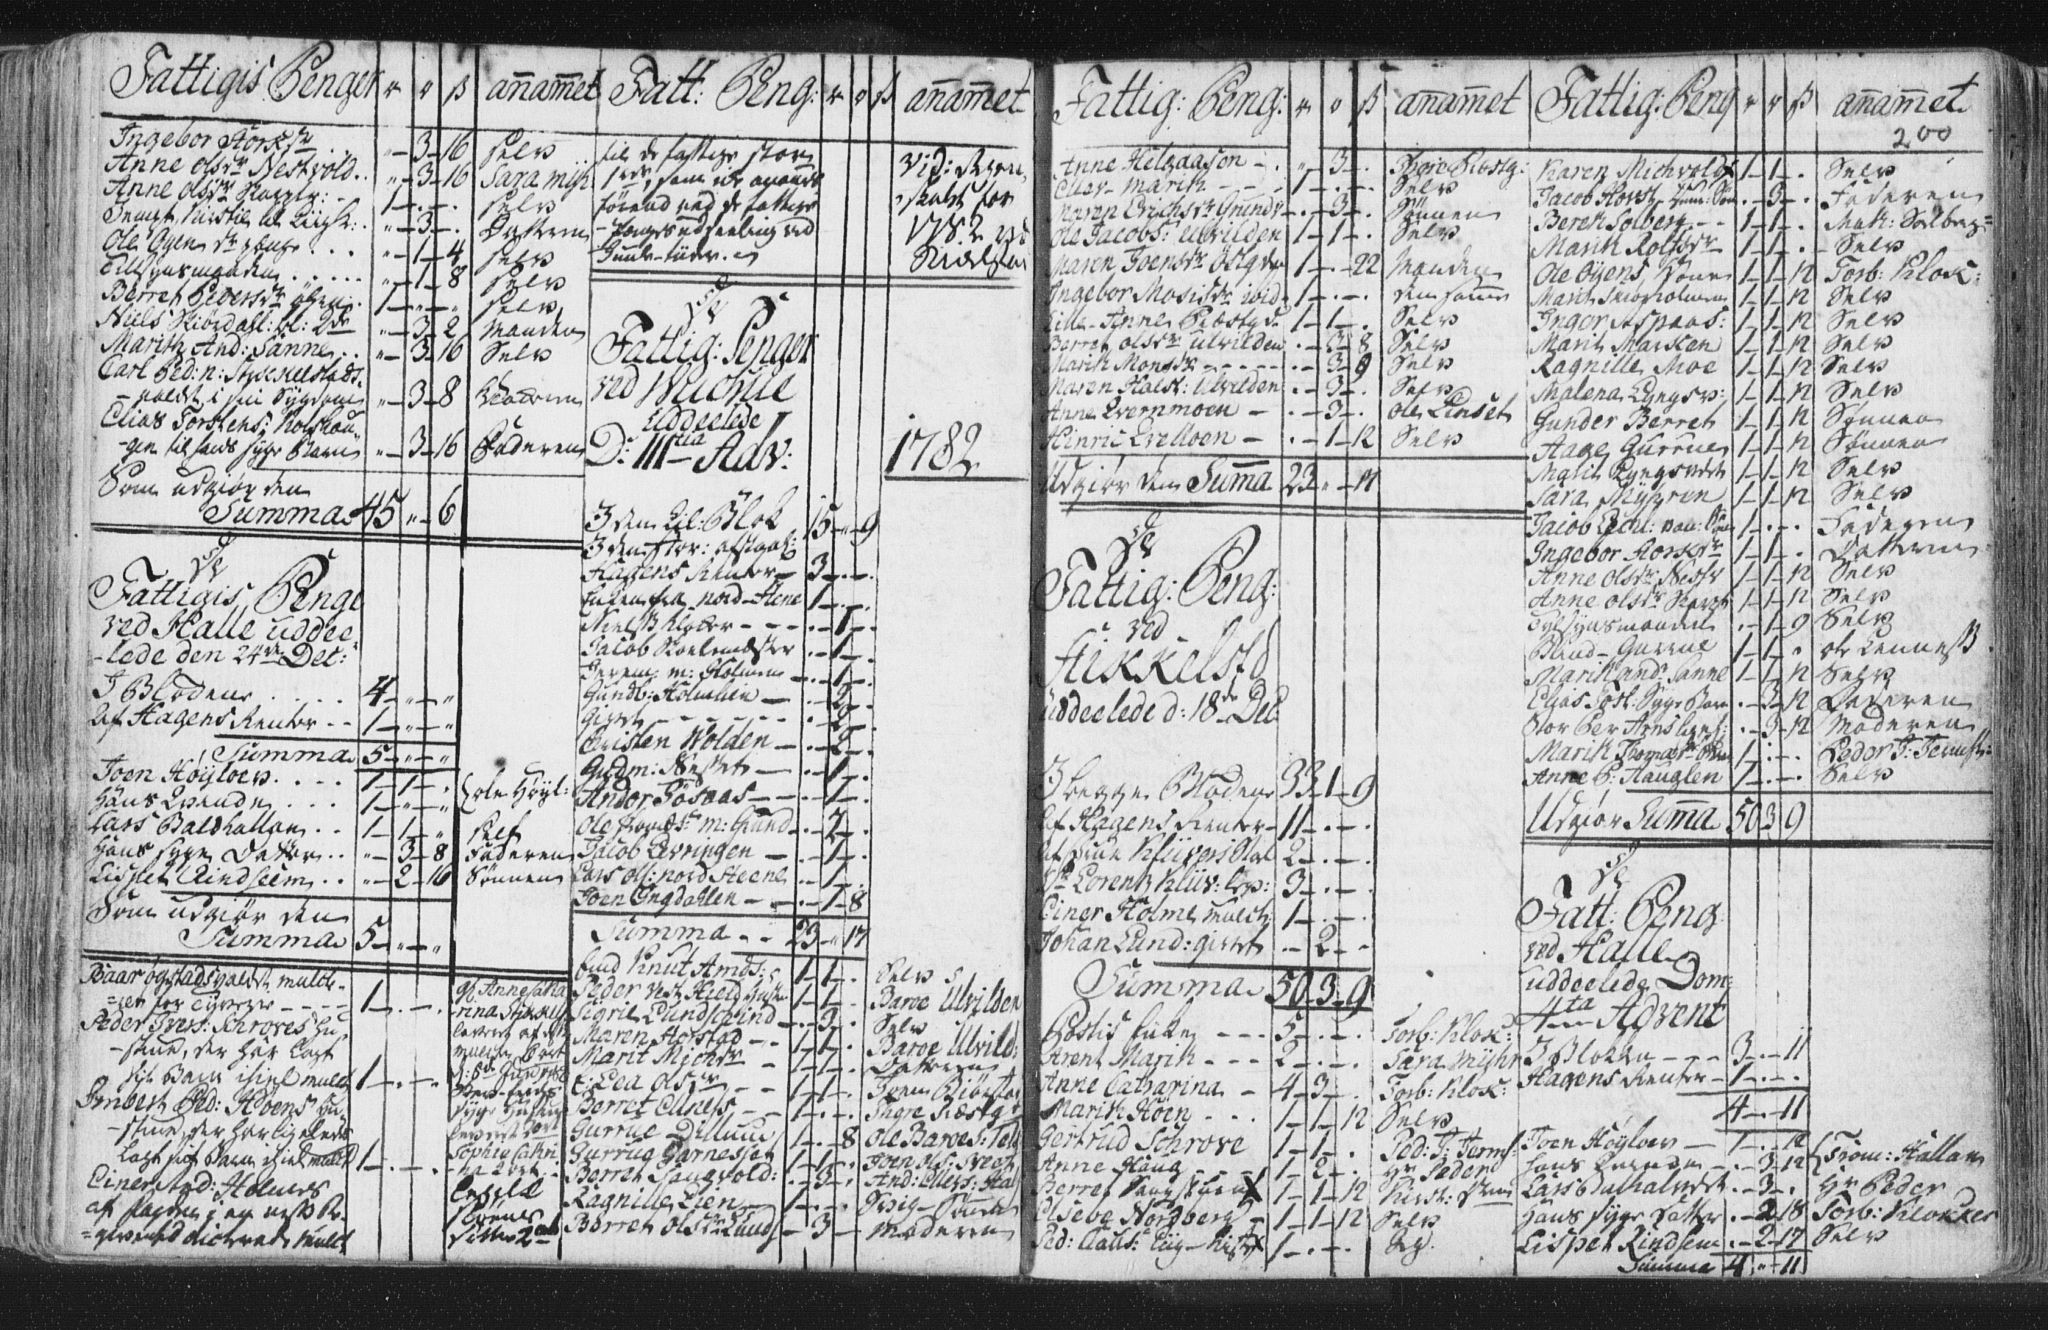 SAT, Ministerialprotokoller, klokkerbøker og fødselsregistre - Nord-Trøndelag, 723/L0232: Ministerialbok nr. 723A03, 1781-1804, s. 200